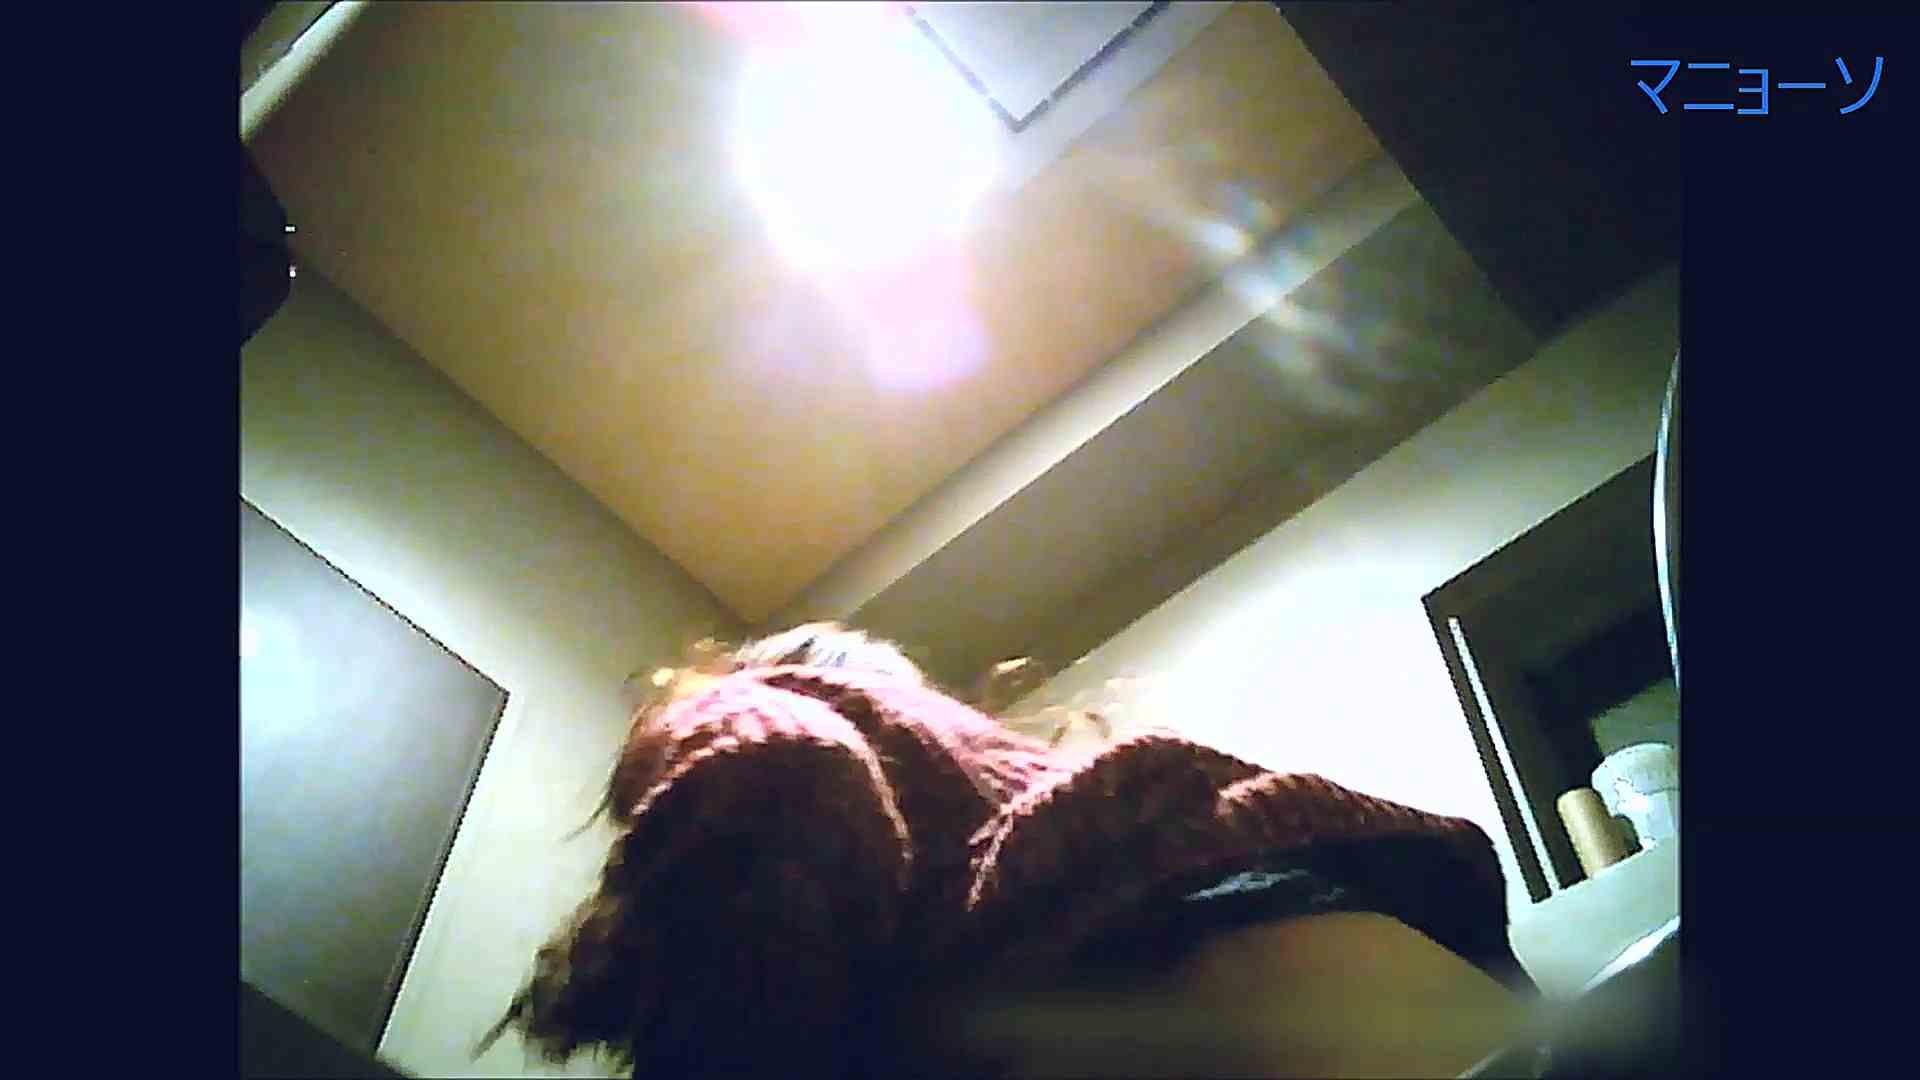 トイレでひと肌脱いでもらいました (OL編)Vol.13 禁断のトイレ | エッチなOL  102枚 83